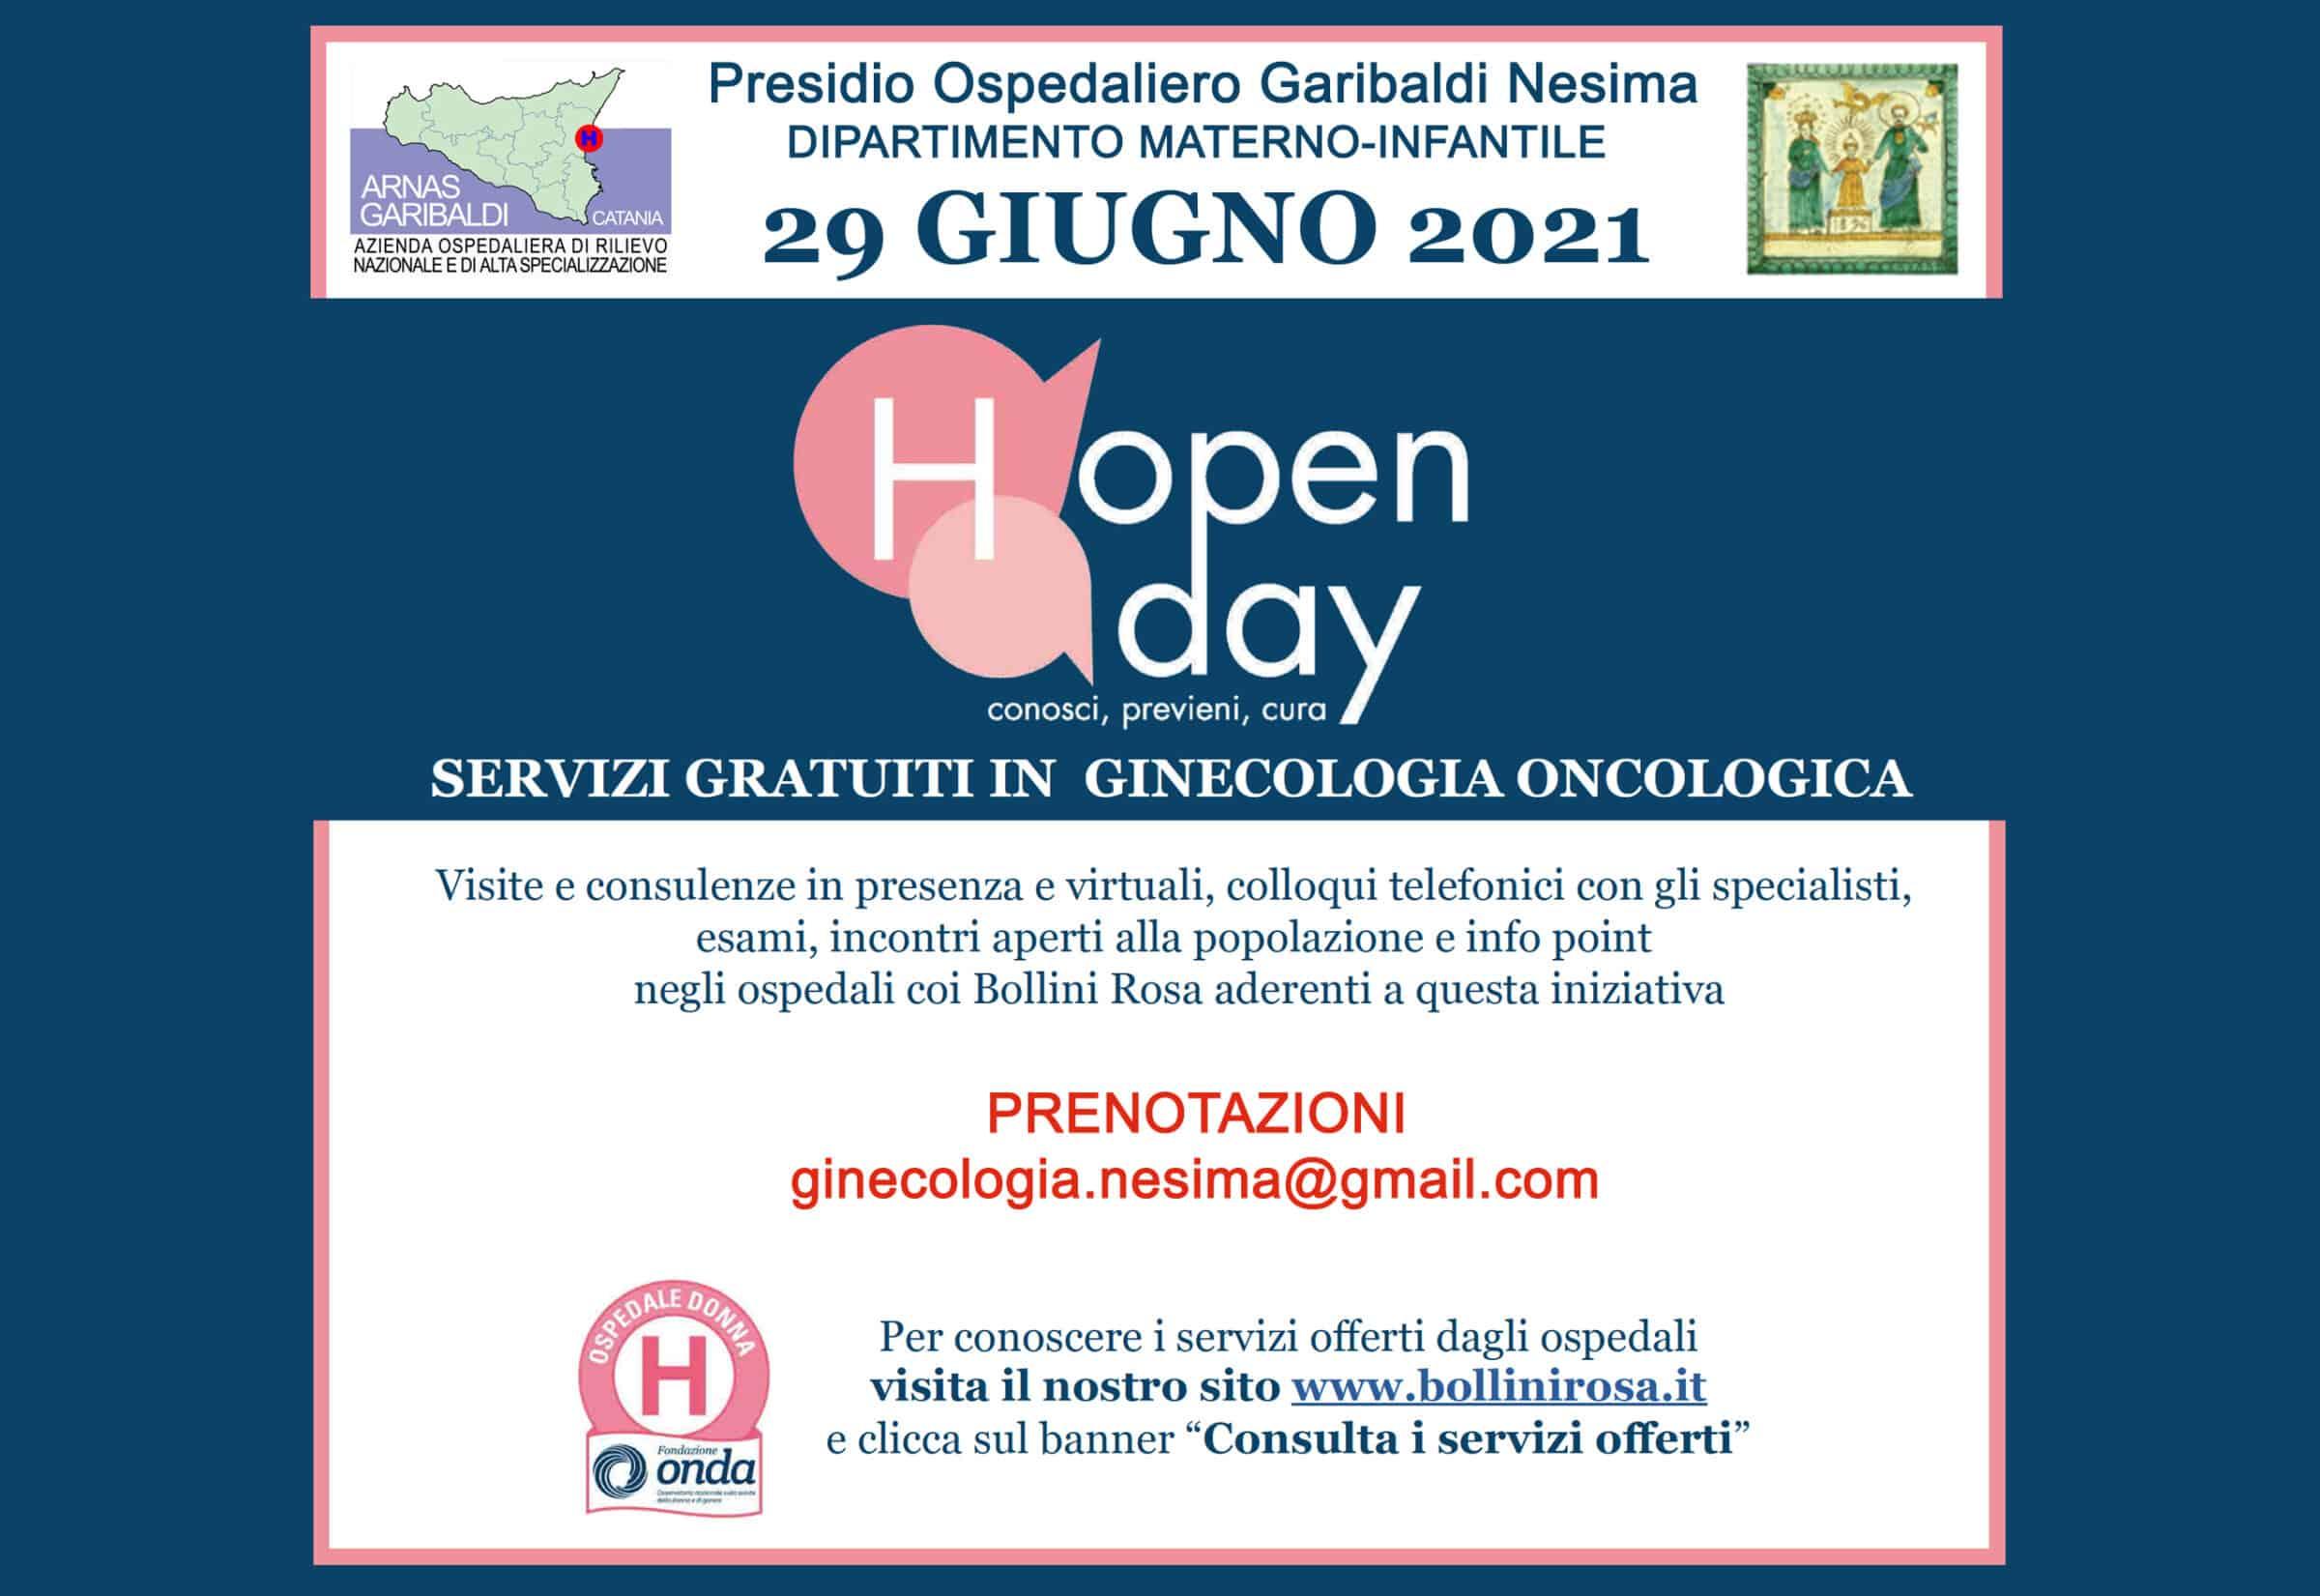 Visite ed ecografie gratuite al Garibaldi Nesima, ecco come prenotare nella Giornata nazionale salute della donna